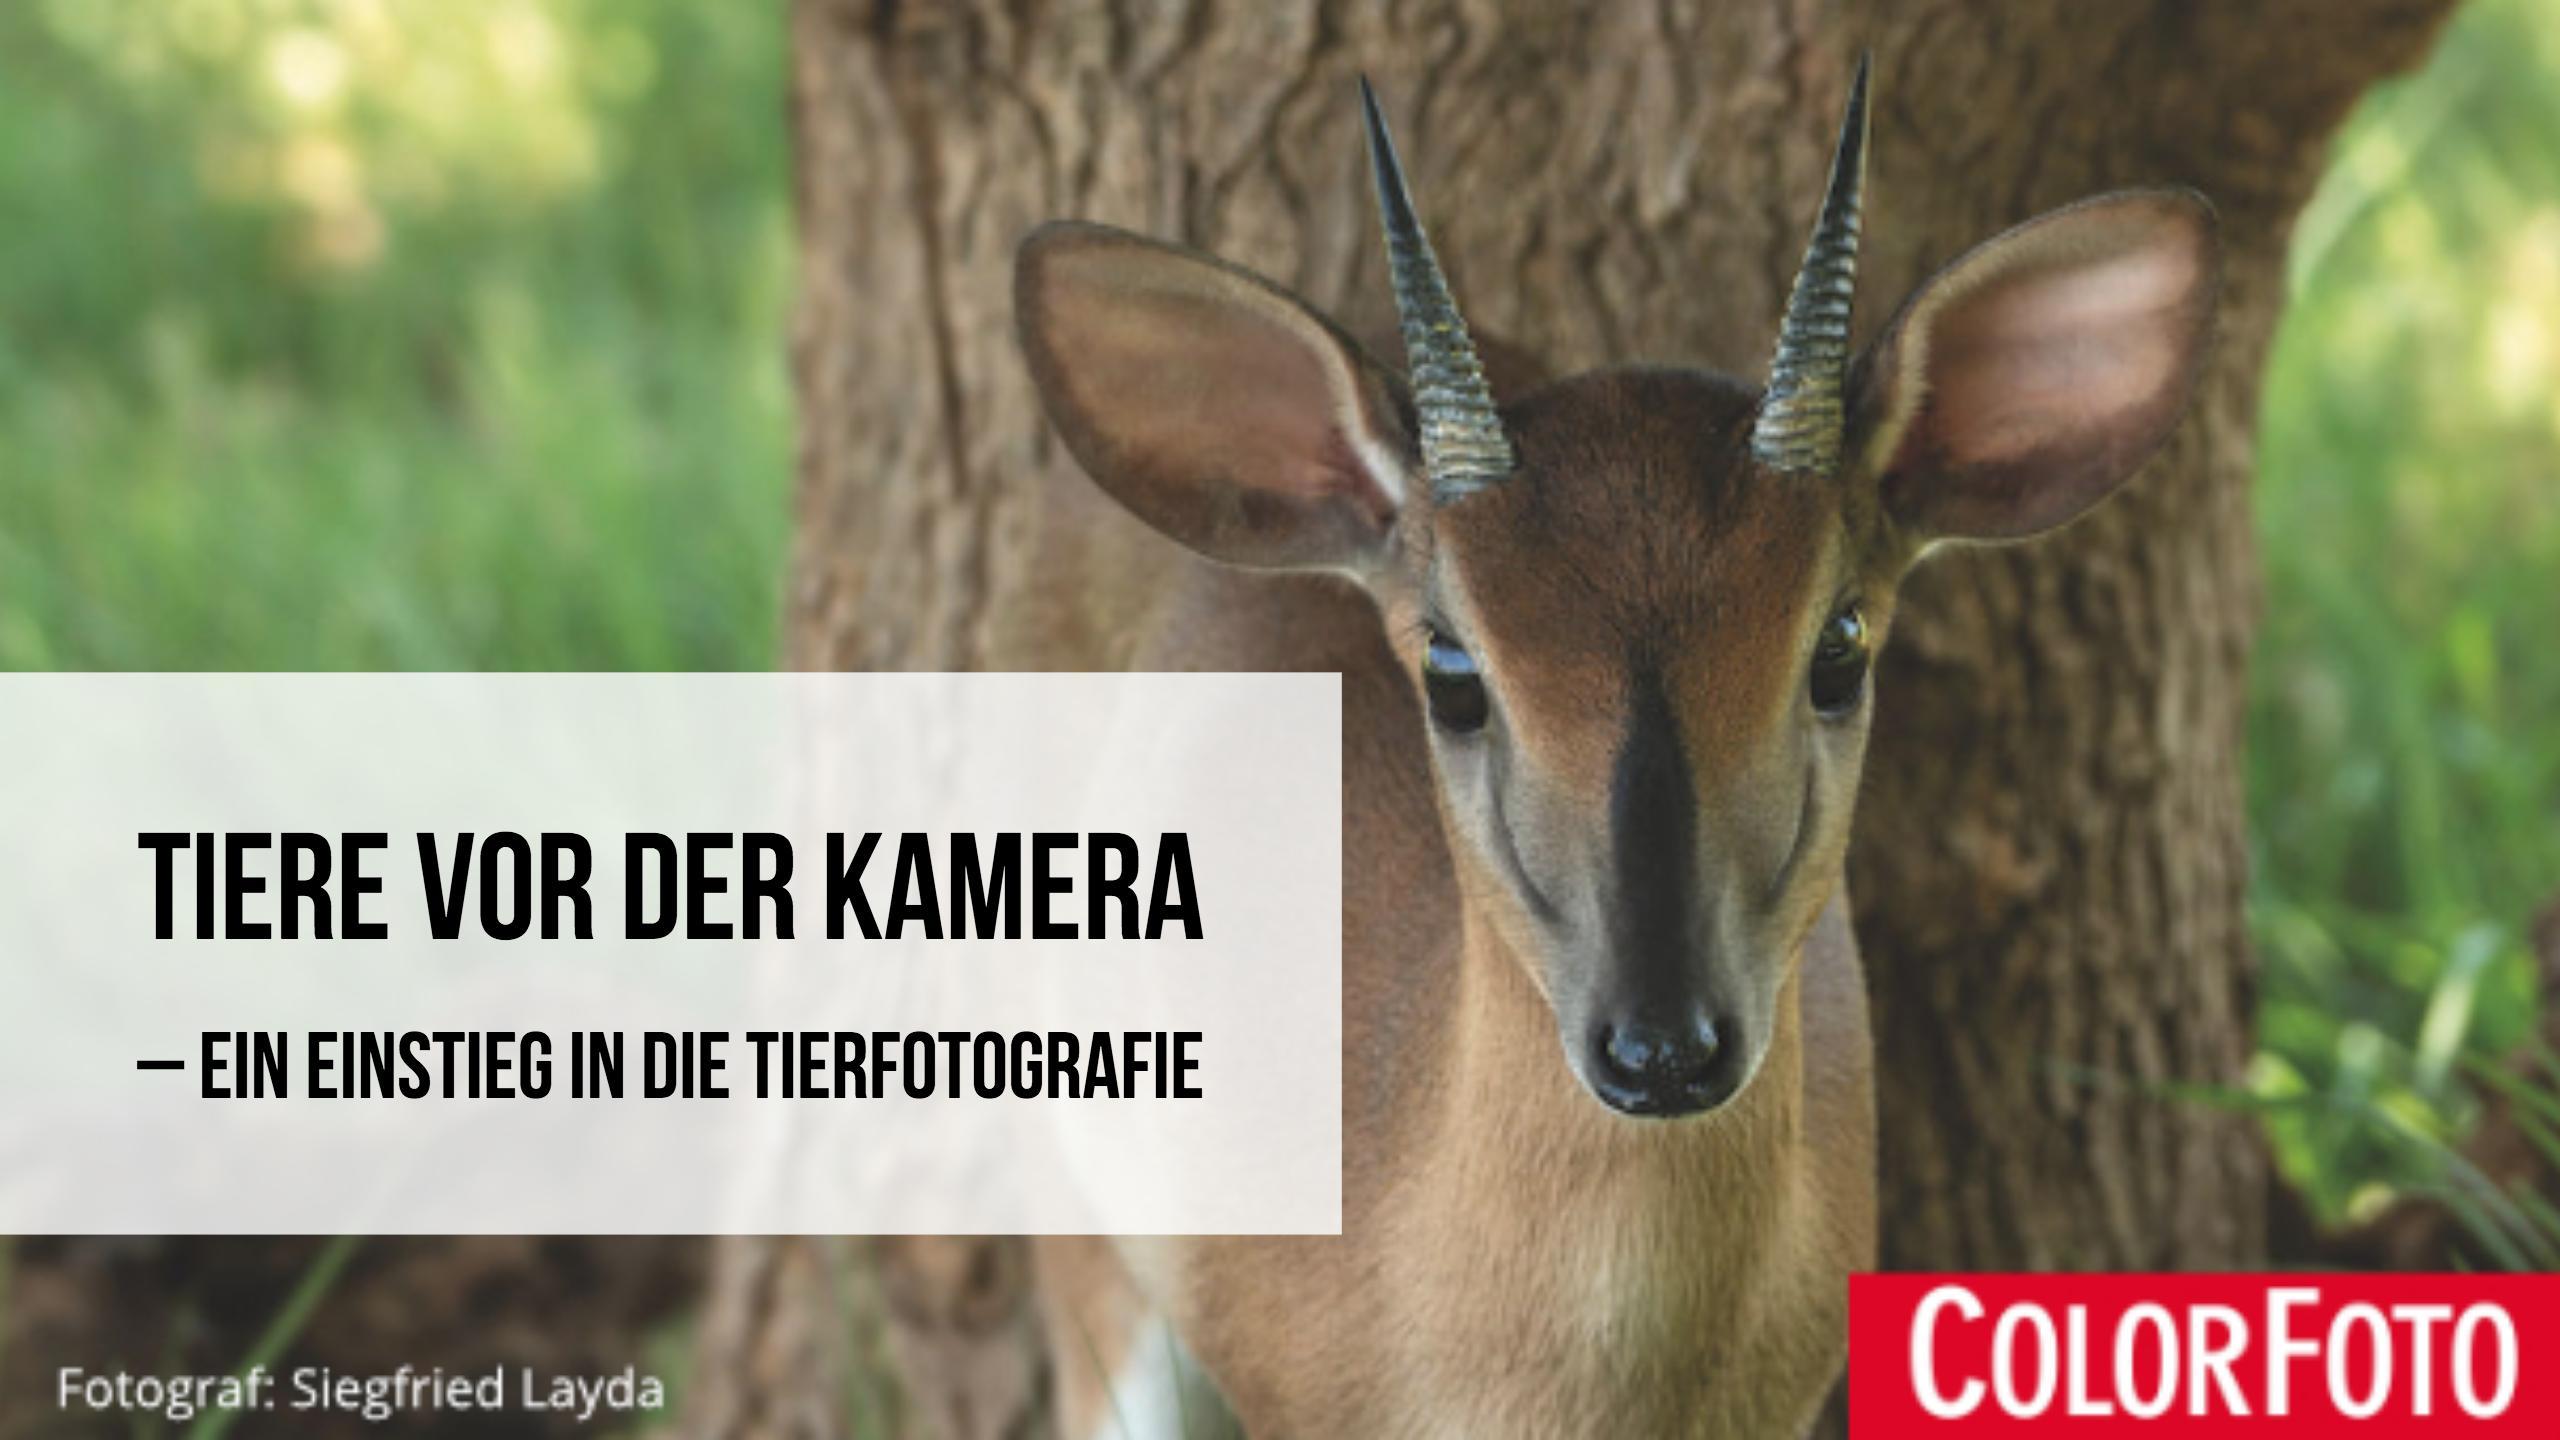 tiere-vor-der-kamerea-teaser-neu